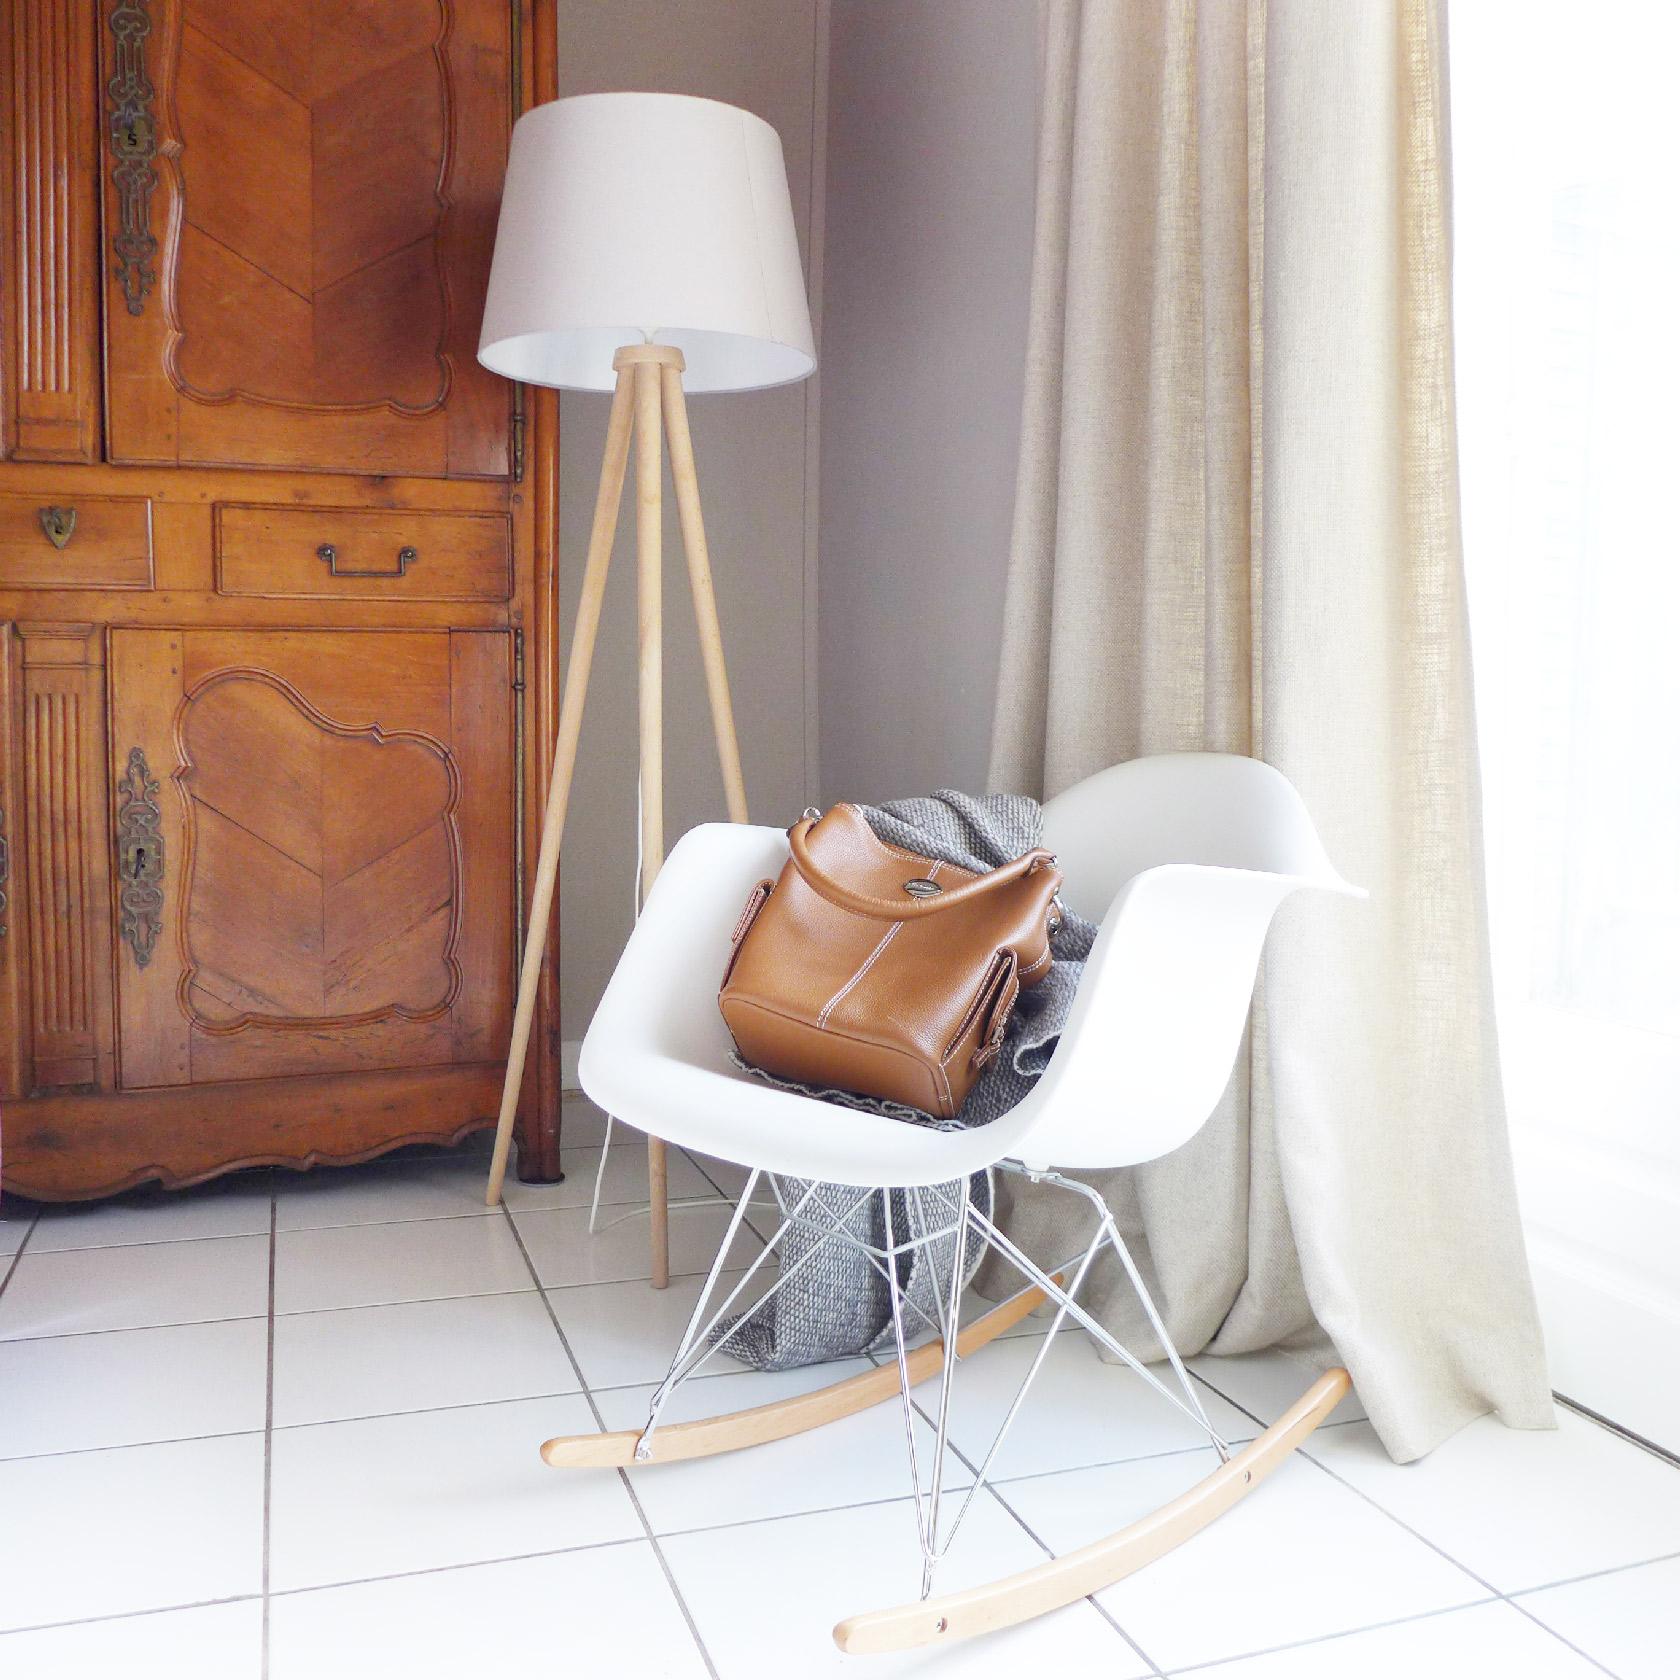 Réalisation du studio d'architecture et de décoration Skéa Designer. La chaise Eames, le lampadaire trépied et le rideau en lin réveille l'armoire ancienne.